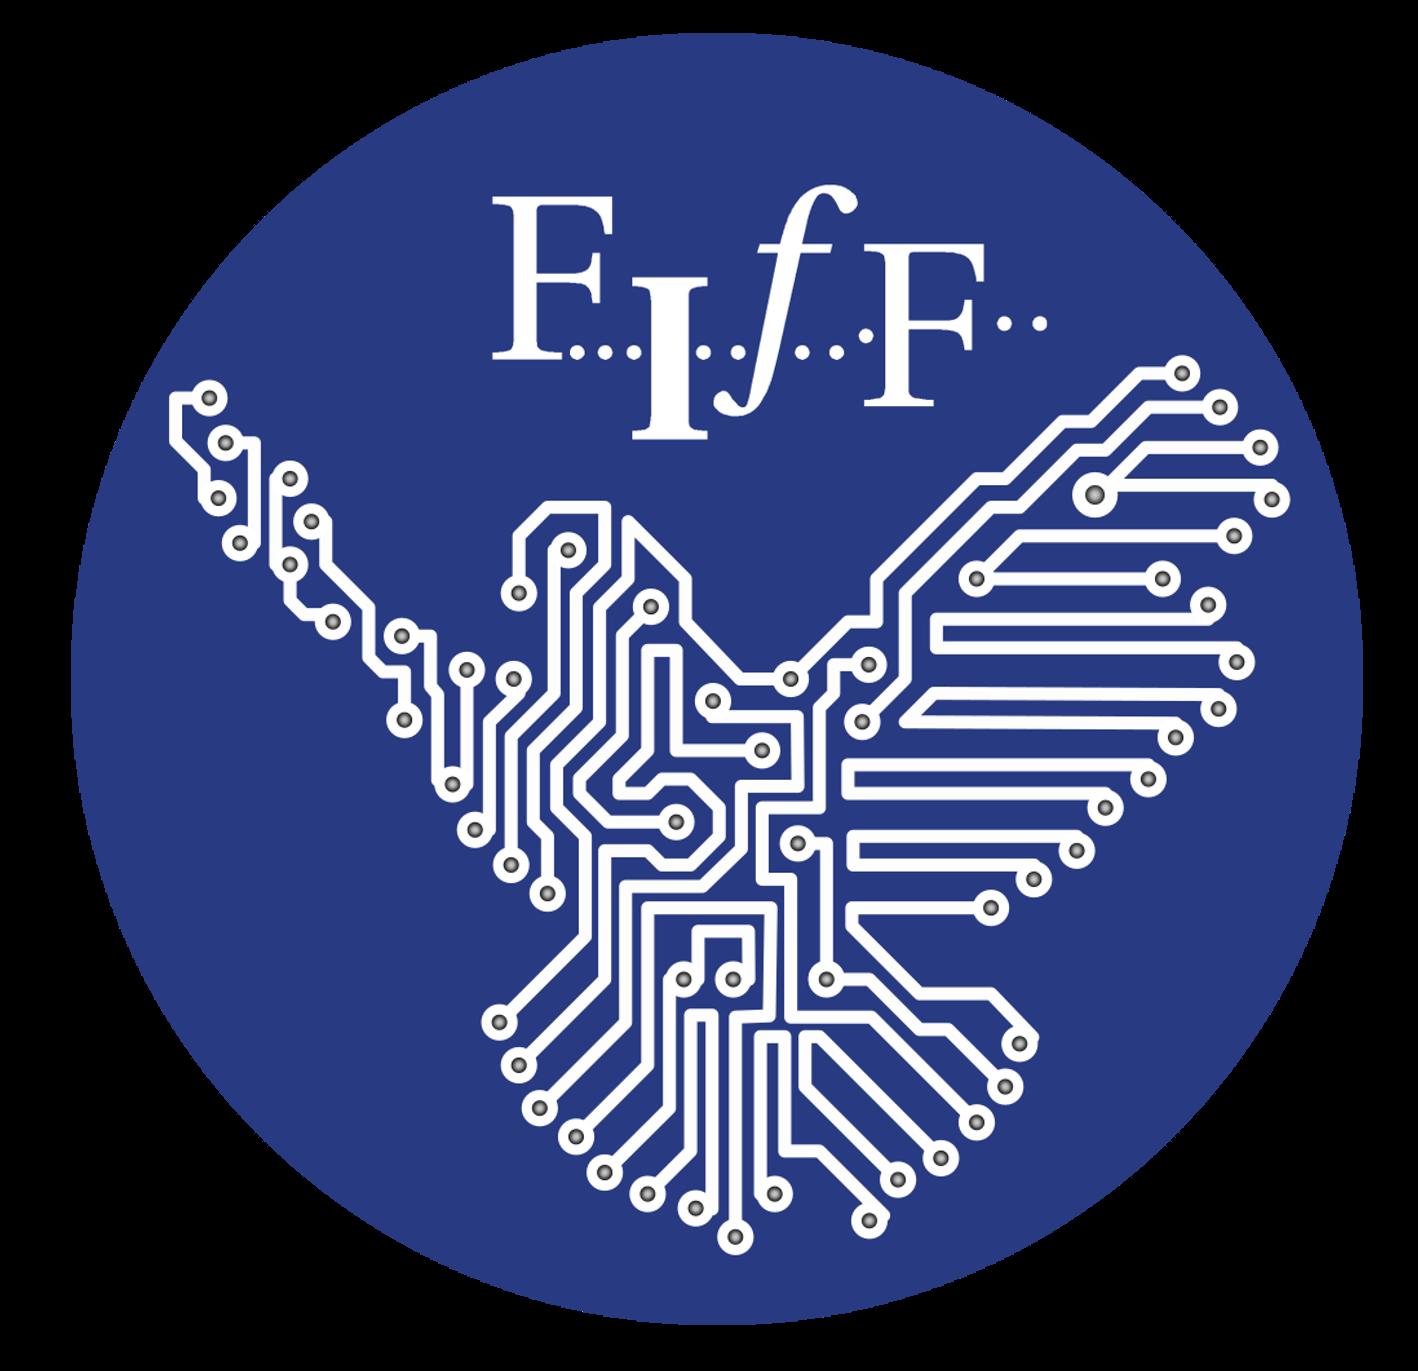 Forum InformatikerInnen für Frieden und gesellschaftliche Verantwortung e. V.